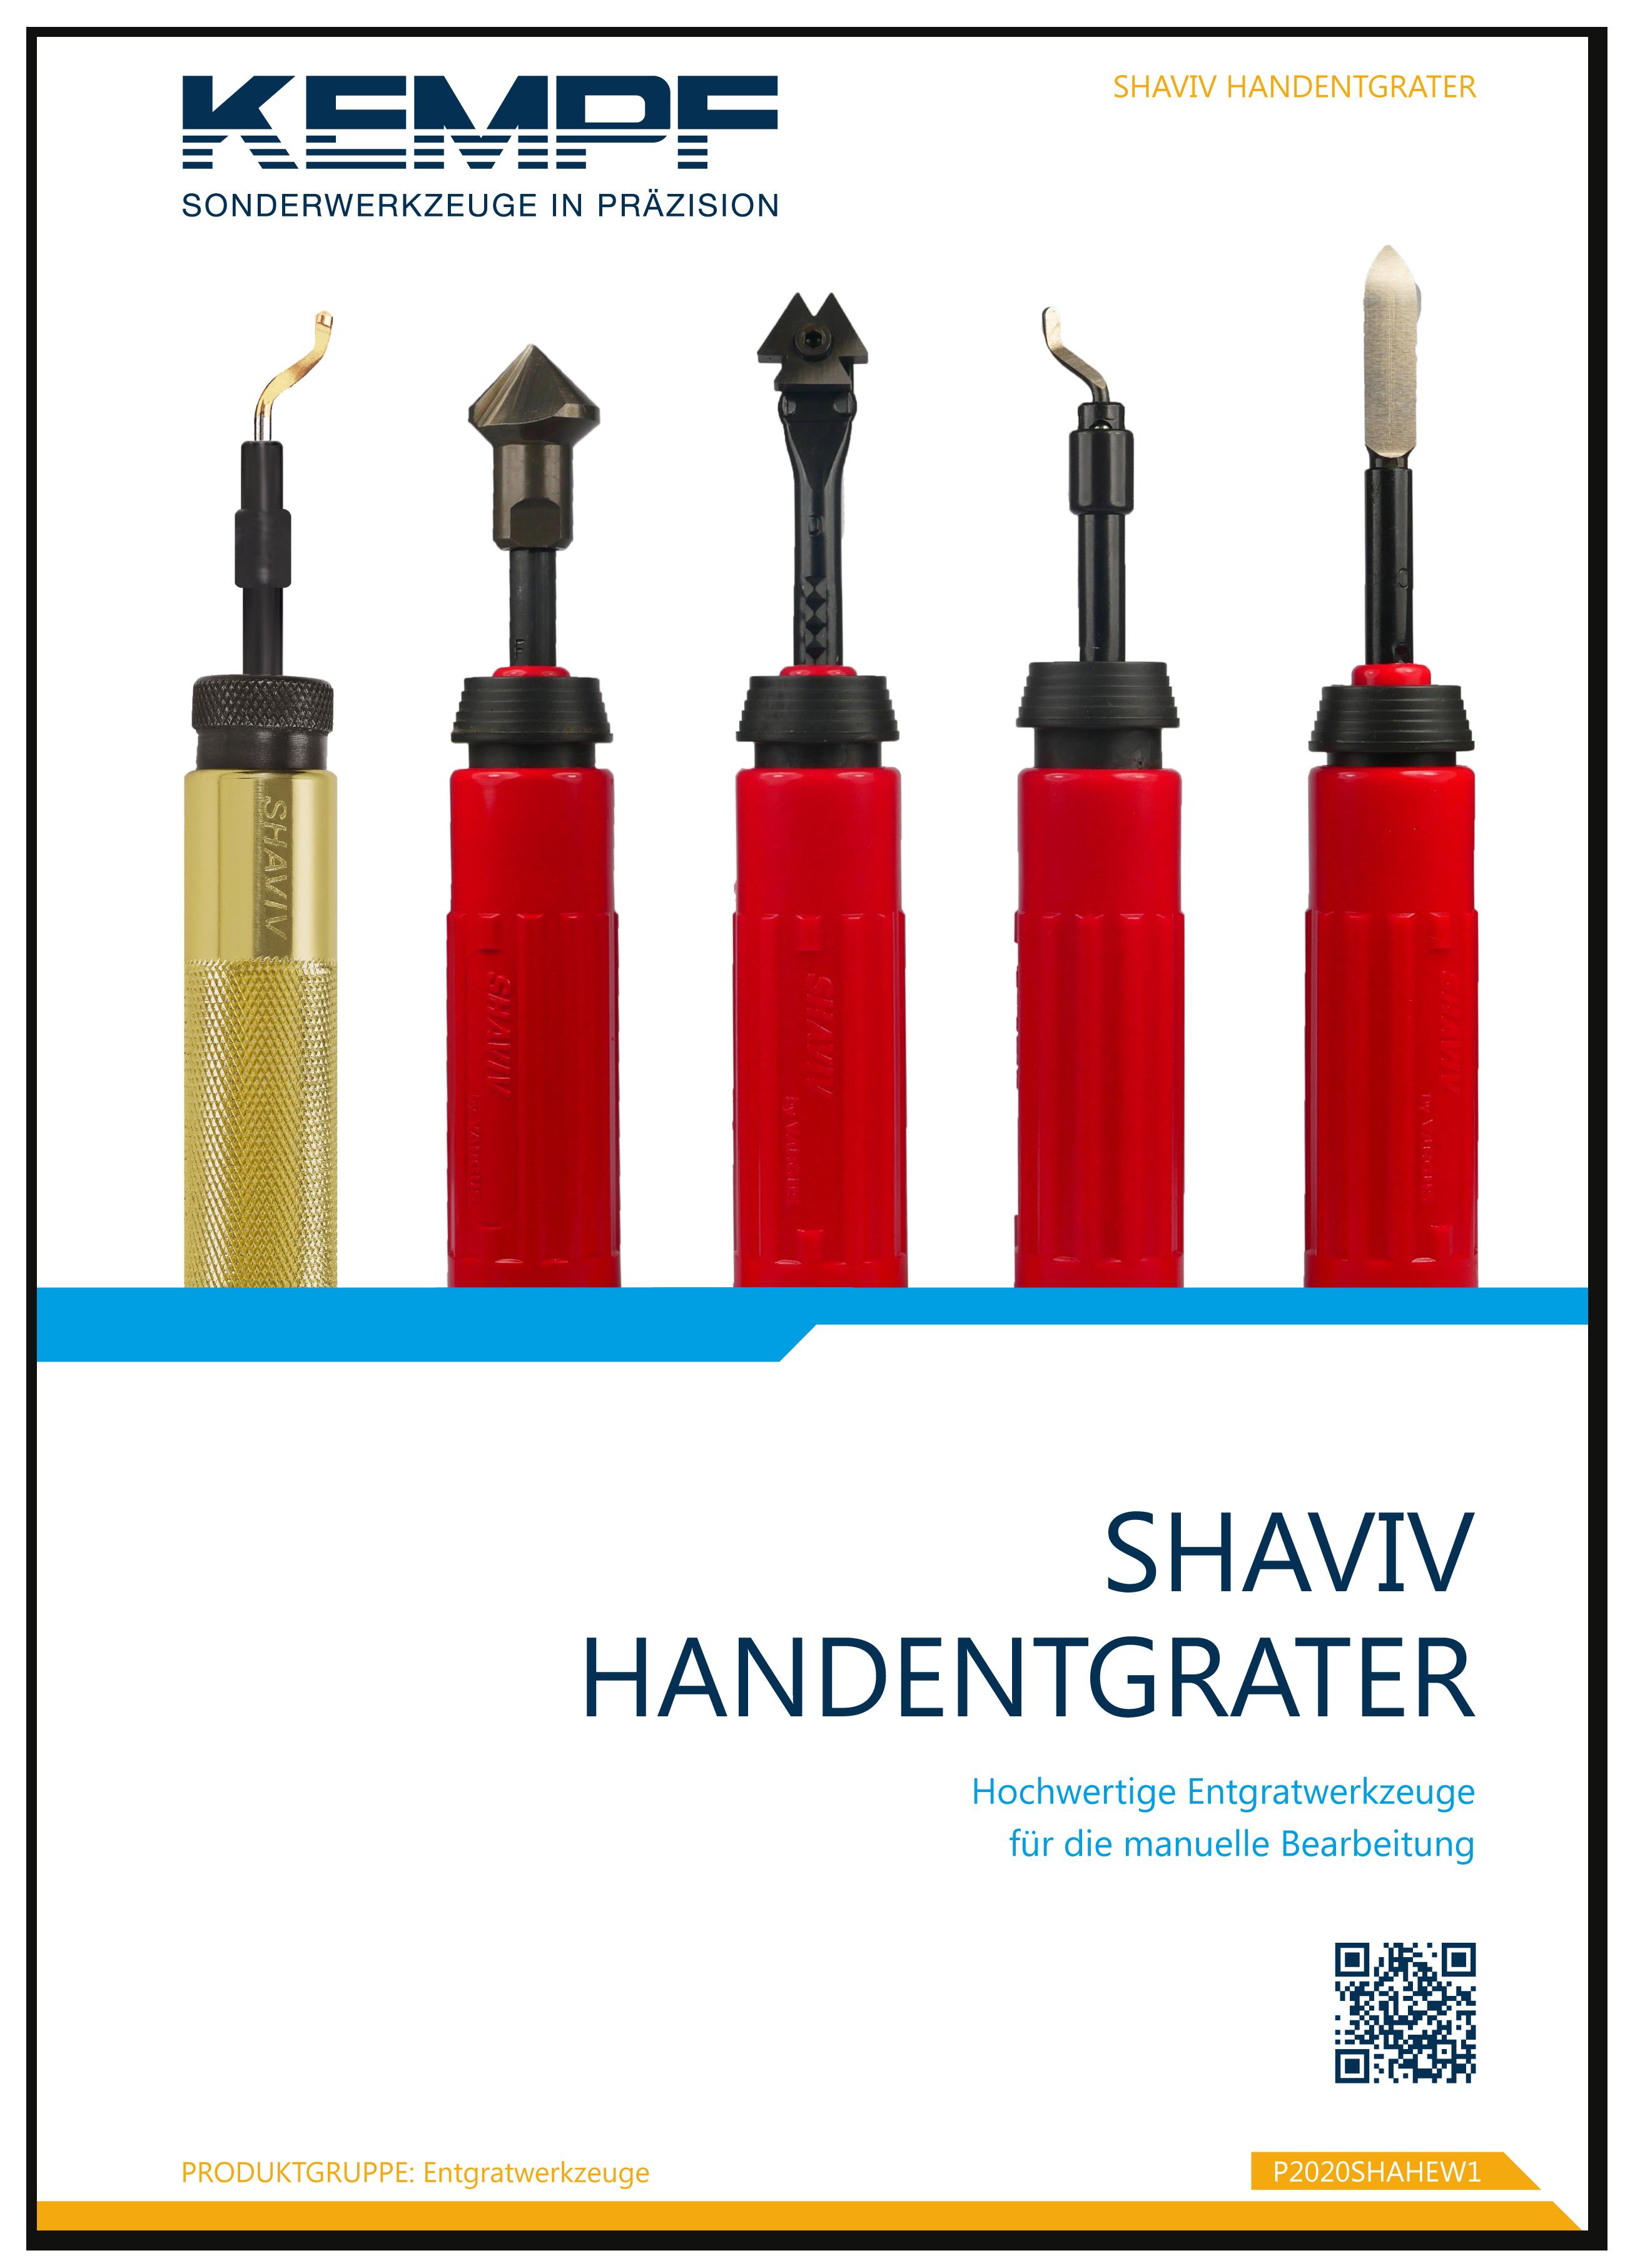 ENTGRATEN-Shaviv-Handentgrater-2019